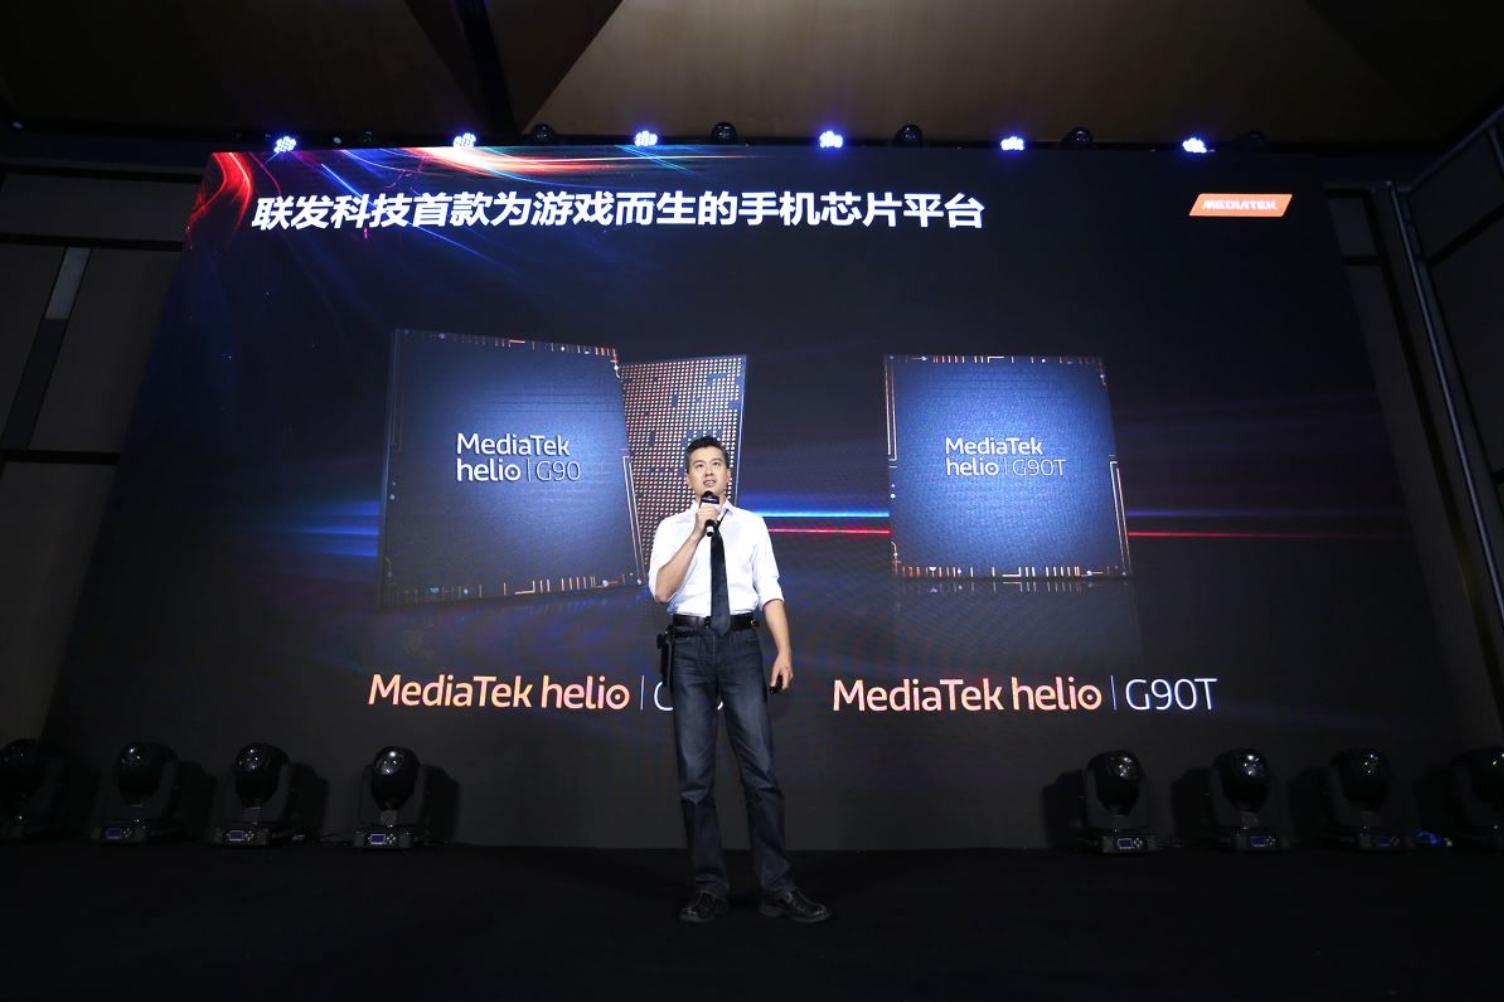 联发科推出首款游戏手机芯片Helio G90 小米Redmi首发或两个月内面世